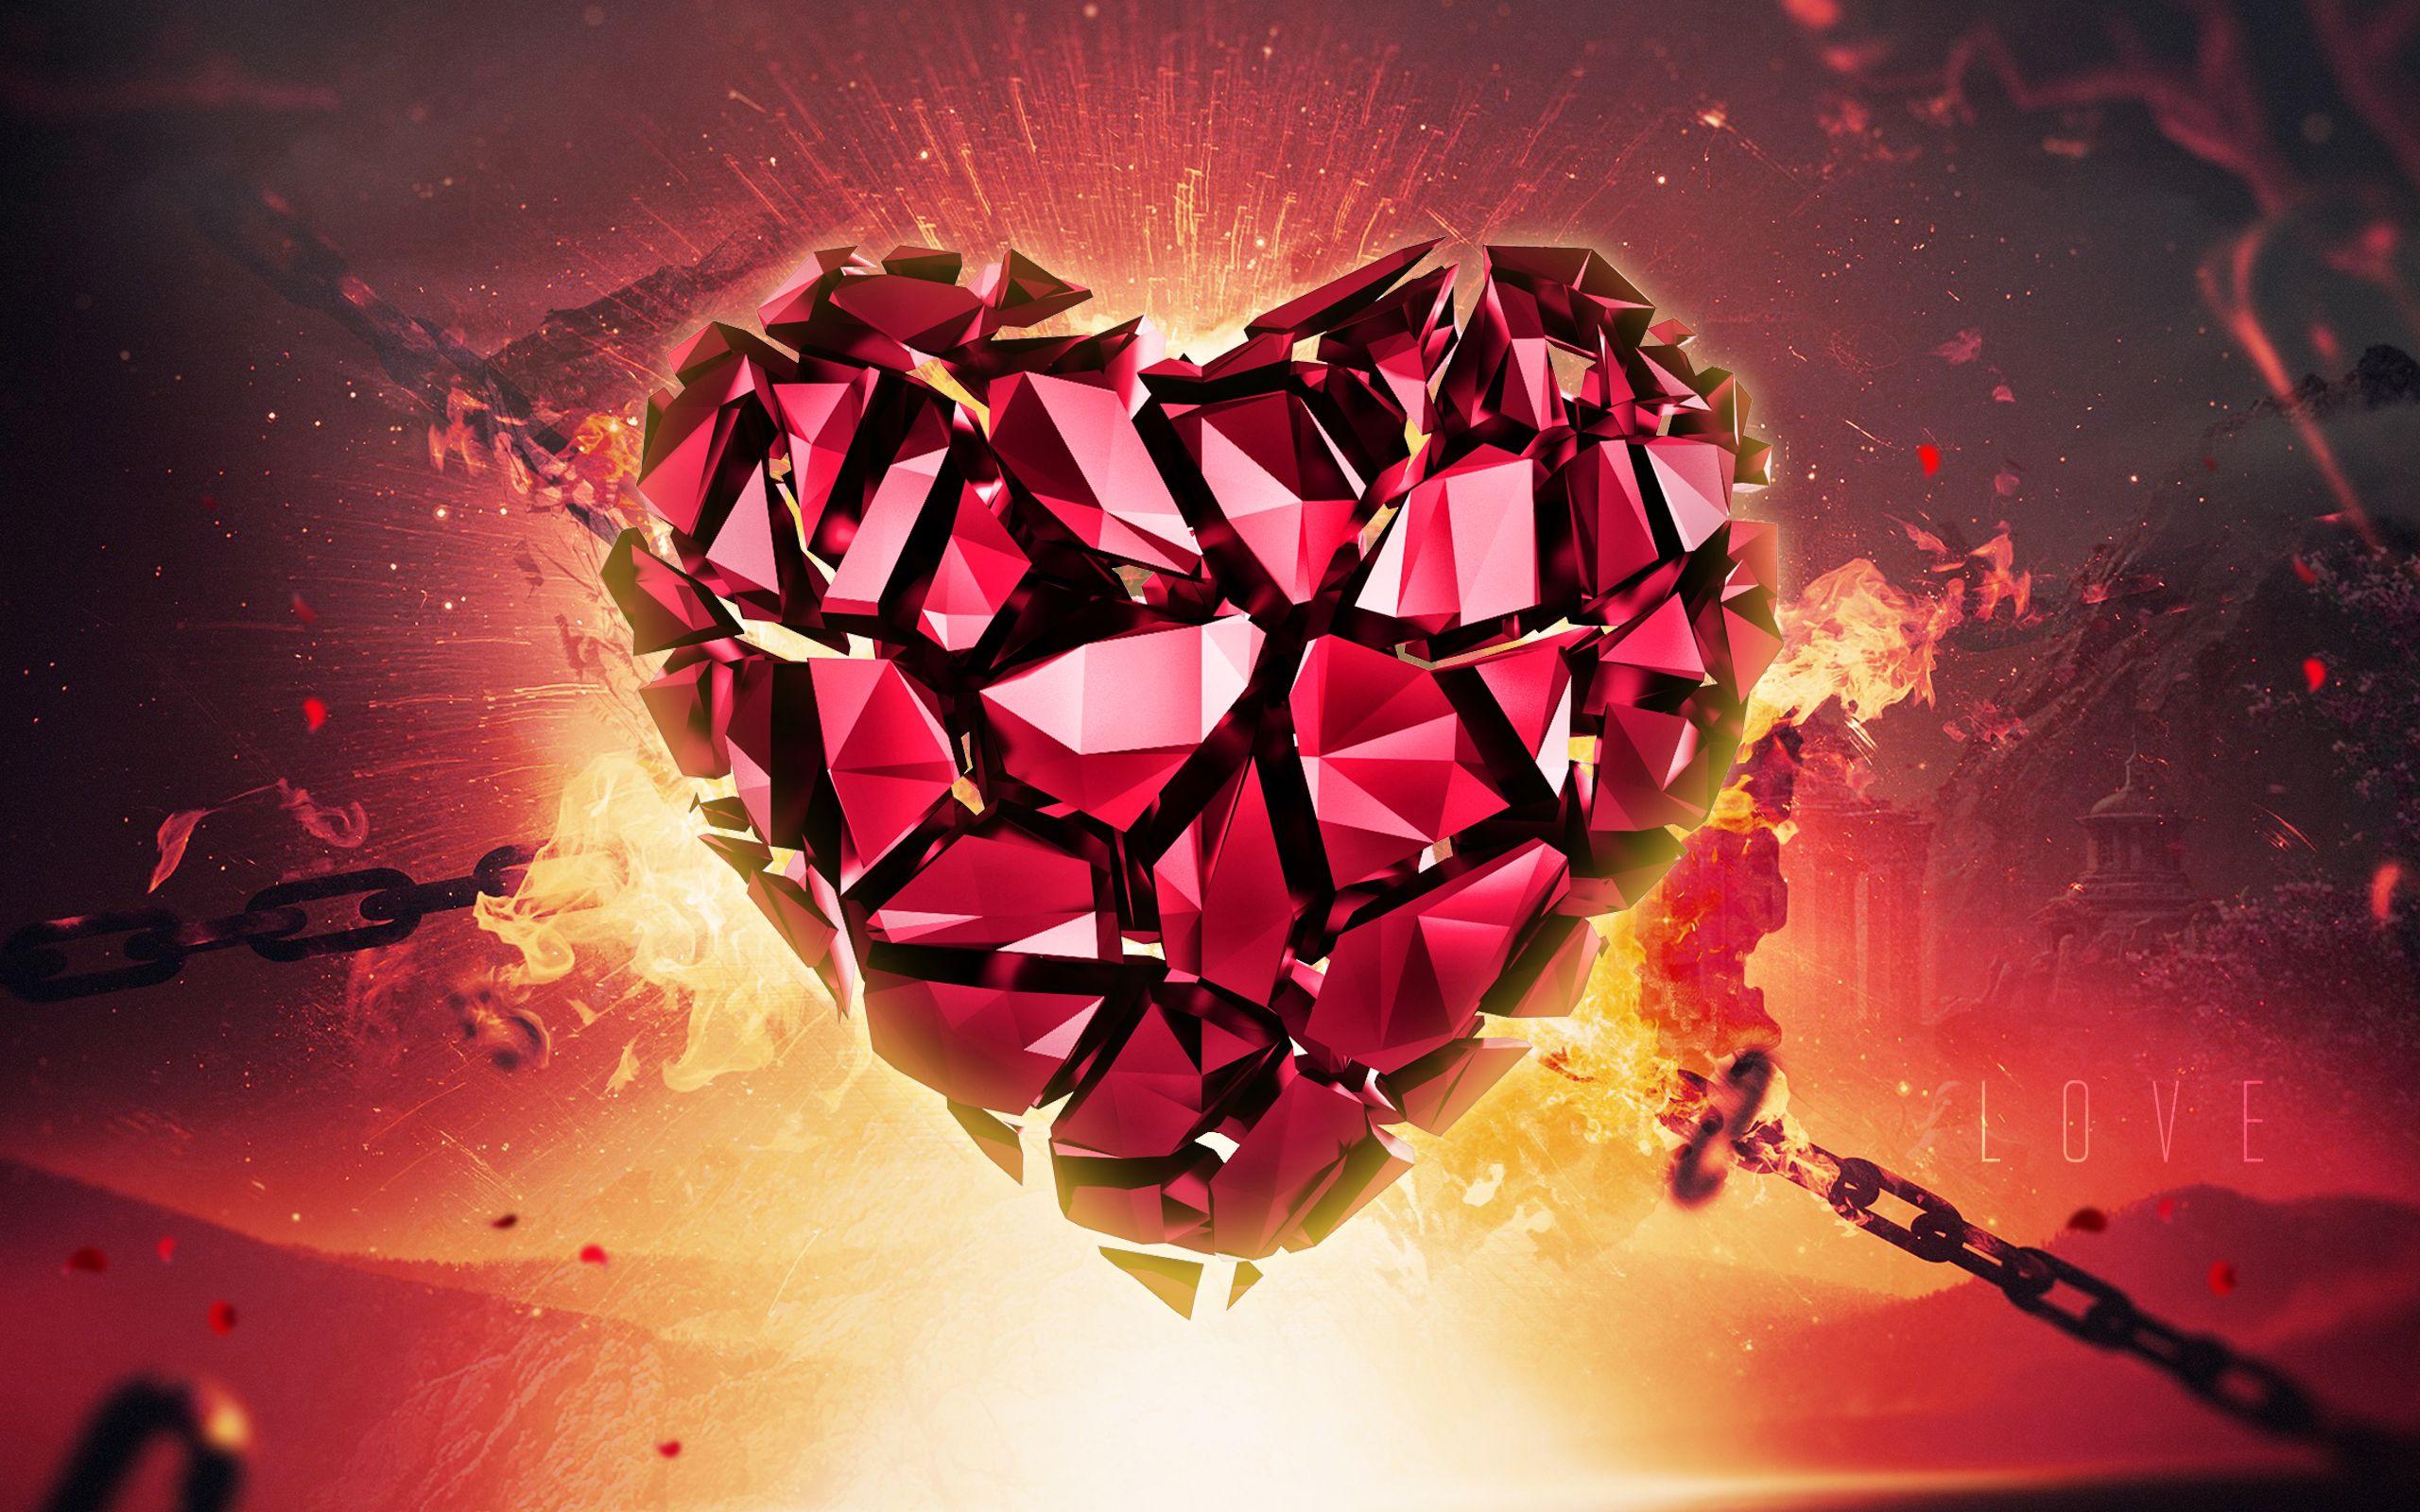 Love Abstract Love Wallpaper Download Broken Heart Wallpaper Full Hd Love Wallpaper